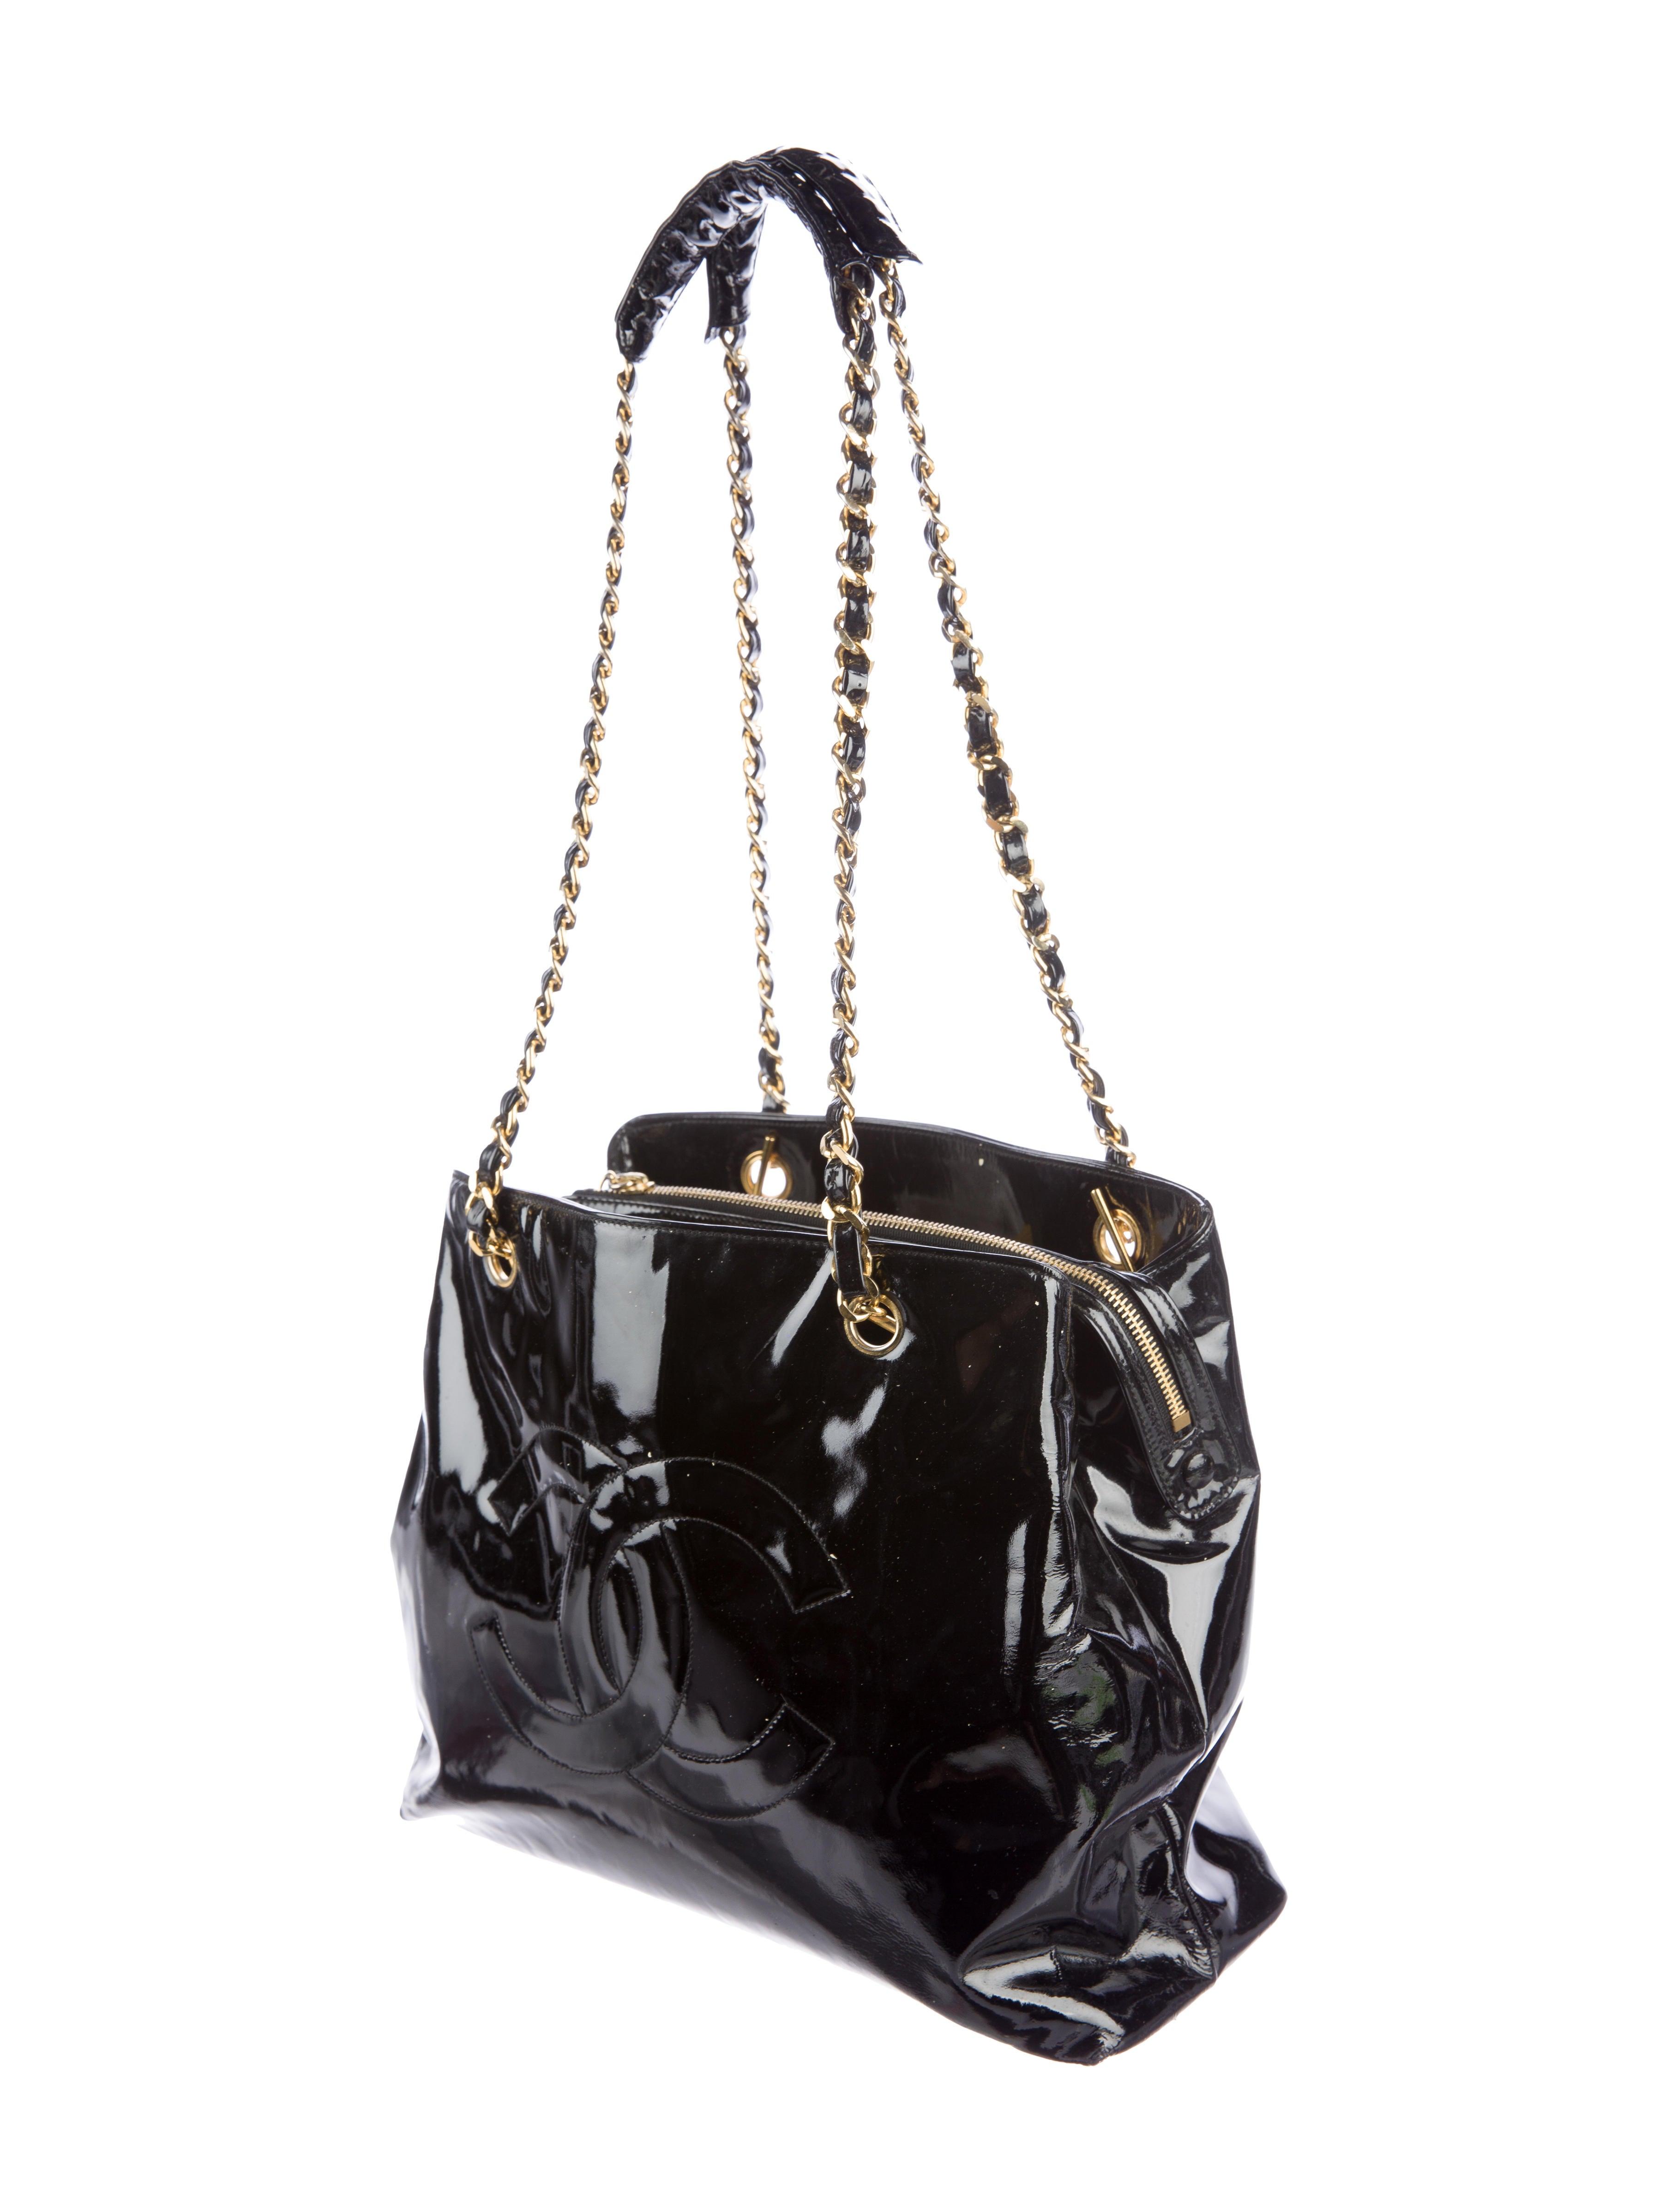 Chanel Vintage Timeless Shoulder Bag